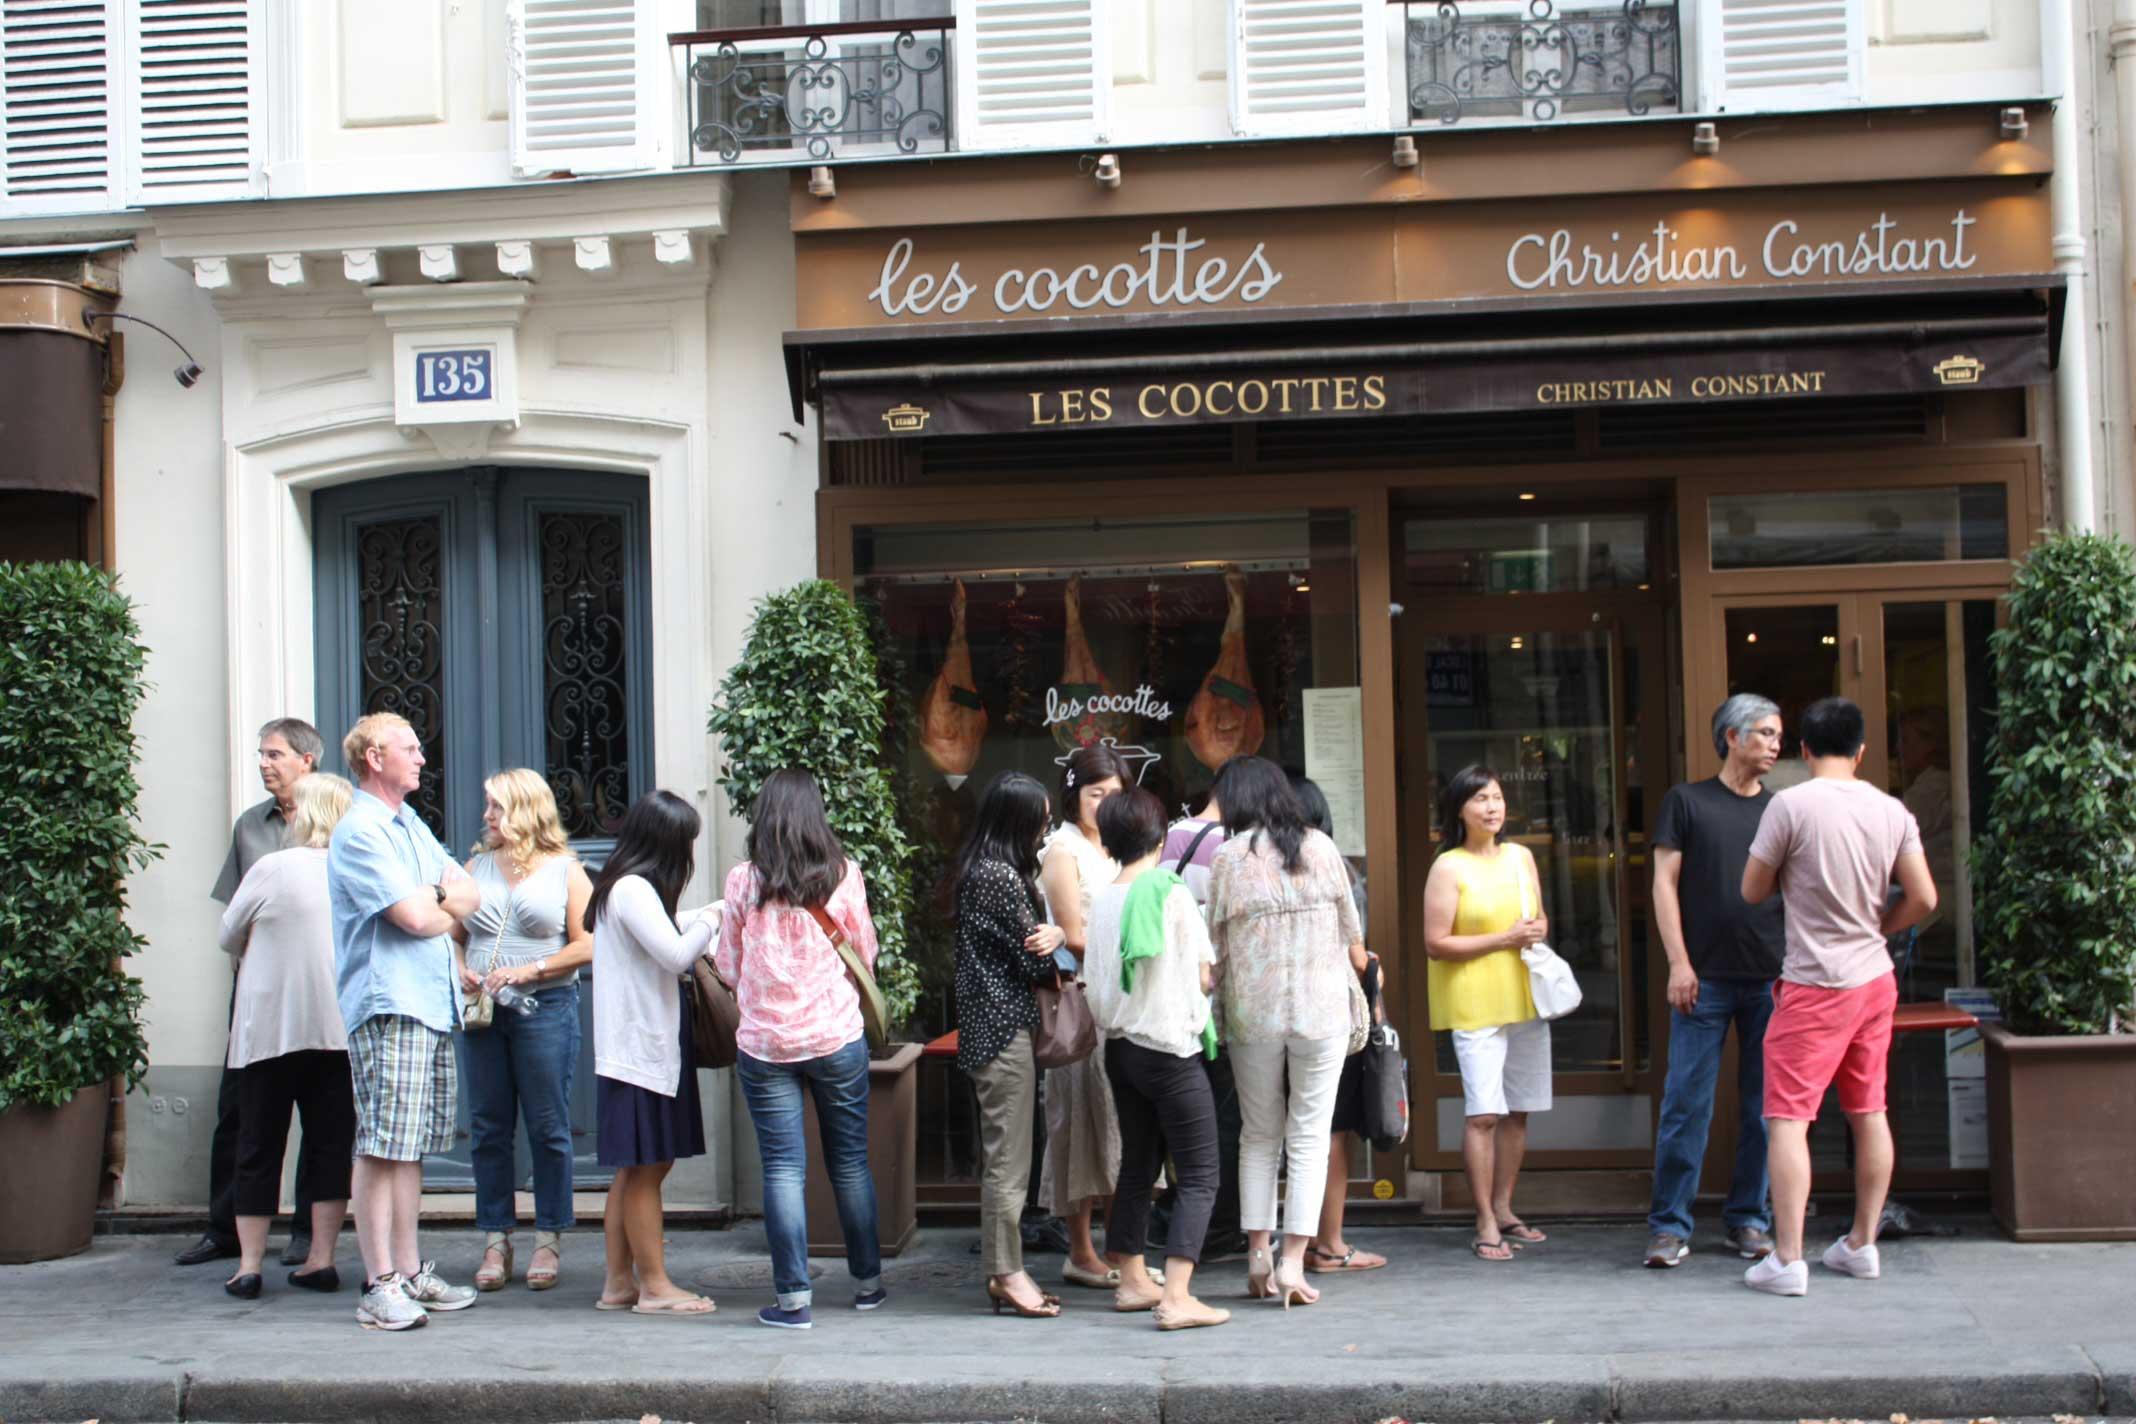 Crédito foto: https://faimouioui.wordpress.com/2012/10/13/les-cocottes-paris-france/